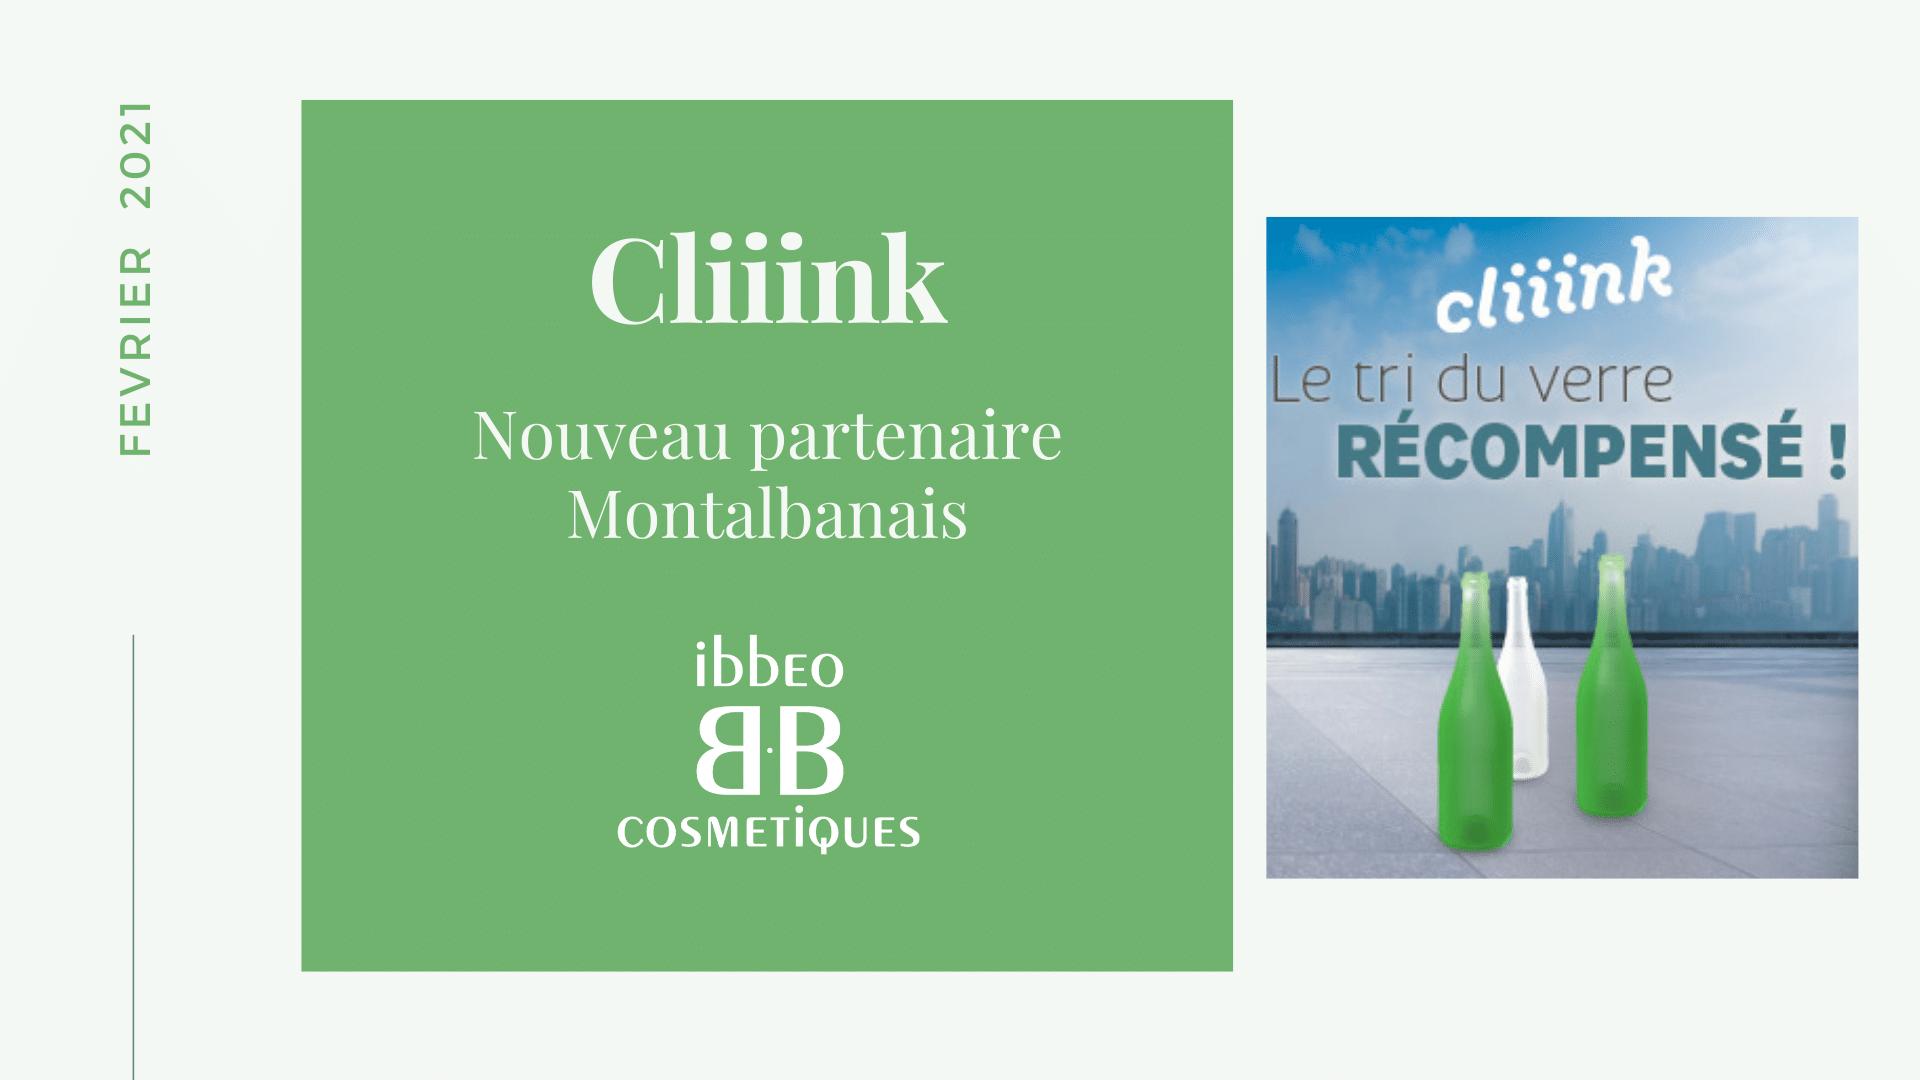 Cliink partenaire montauban